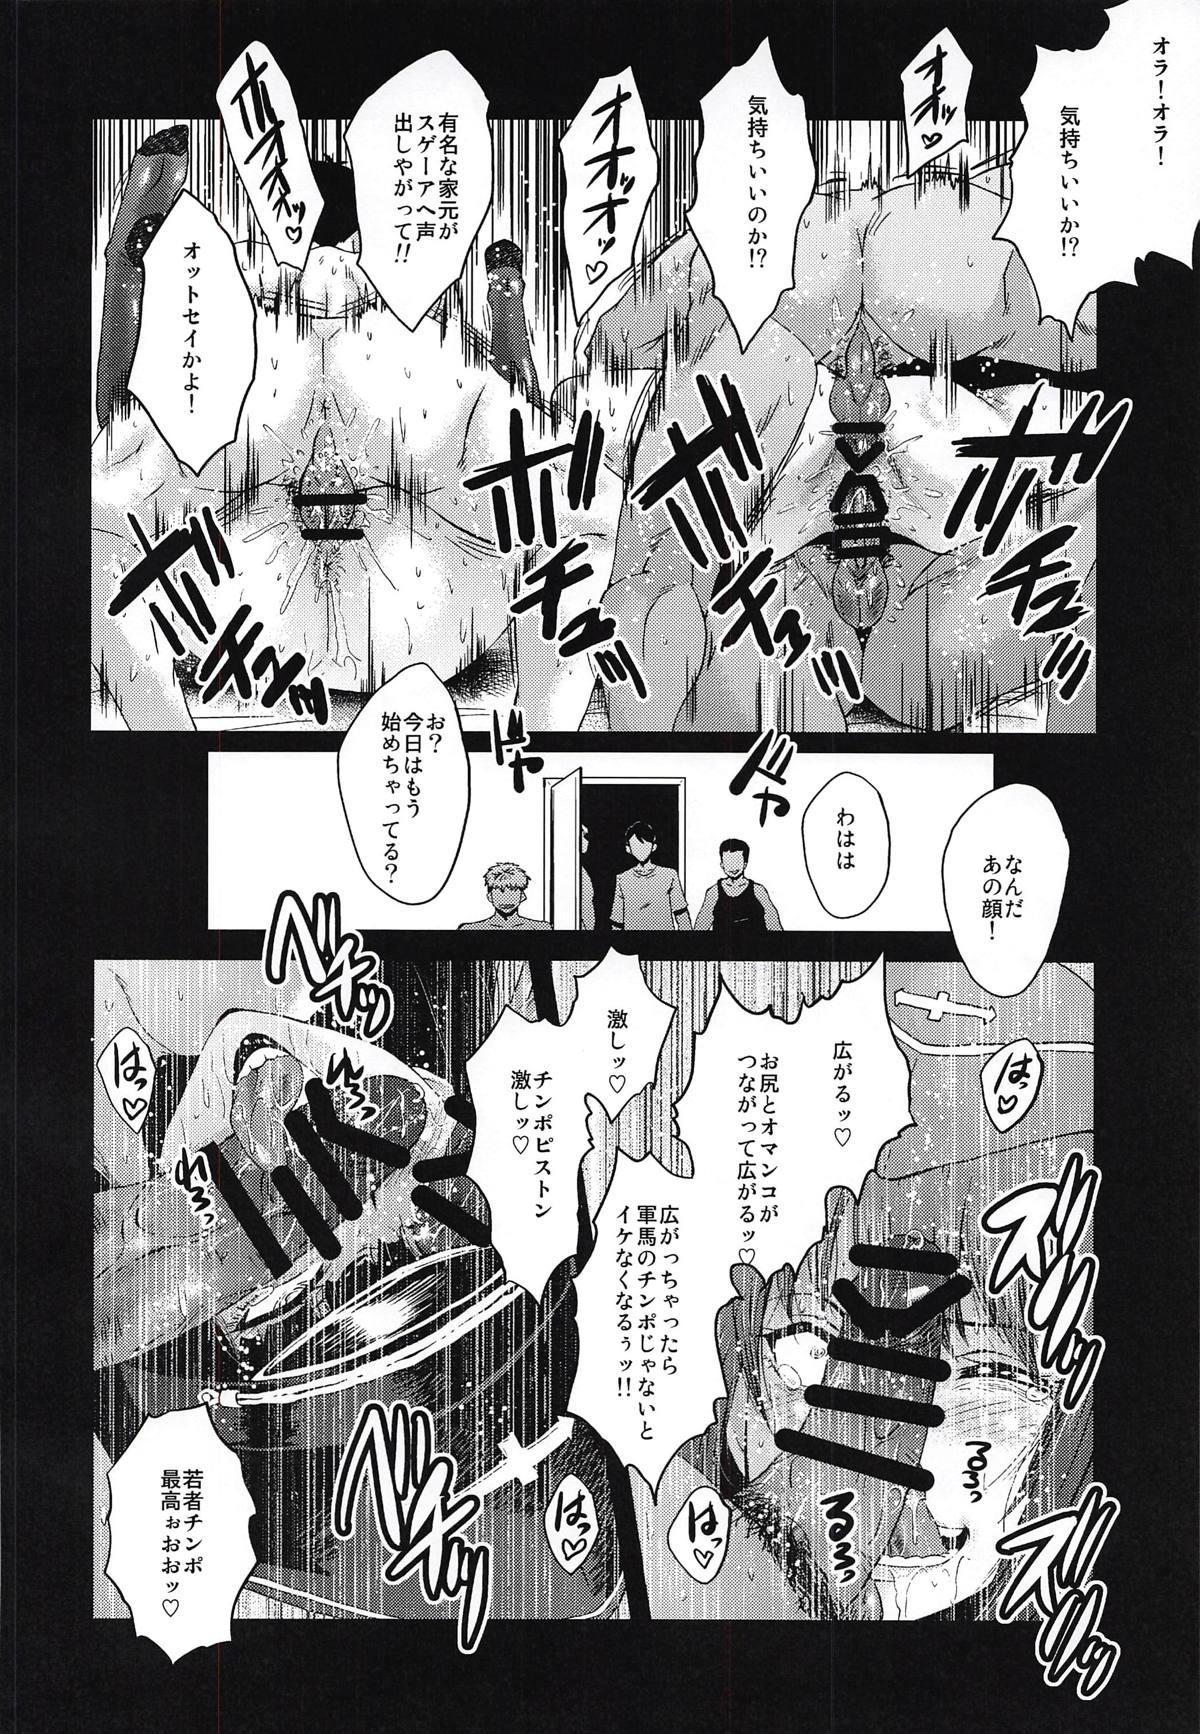 Urabambi Vol. 57 Taihai no Koutetsu Fujin 12